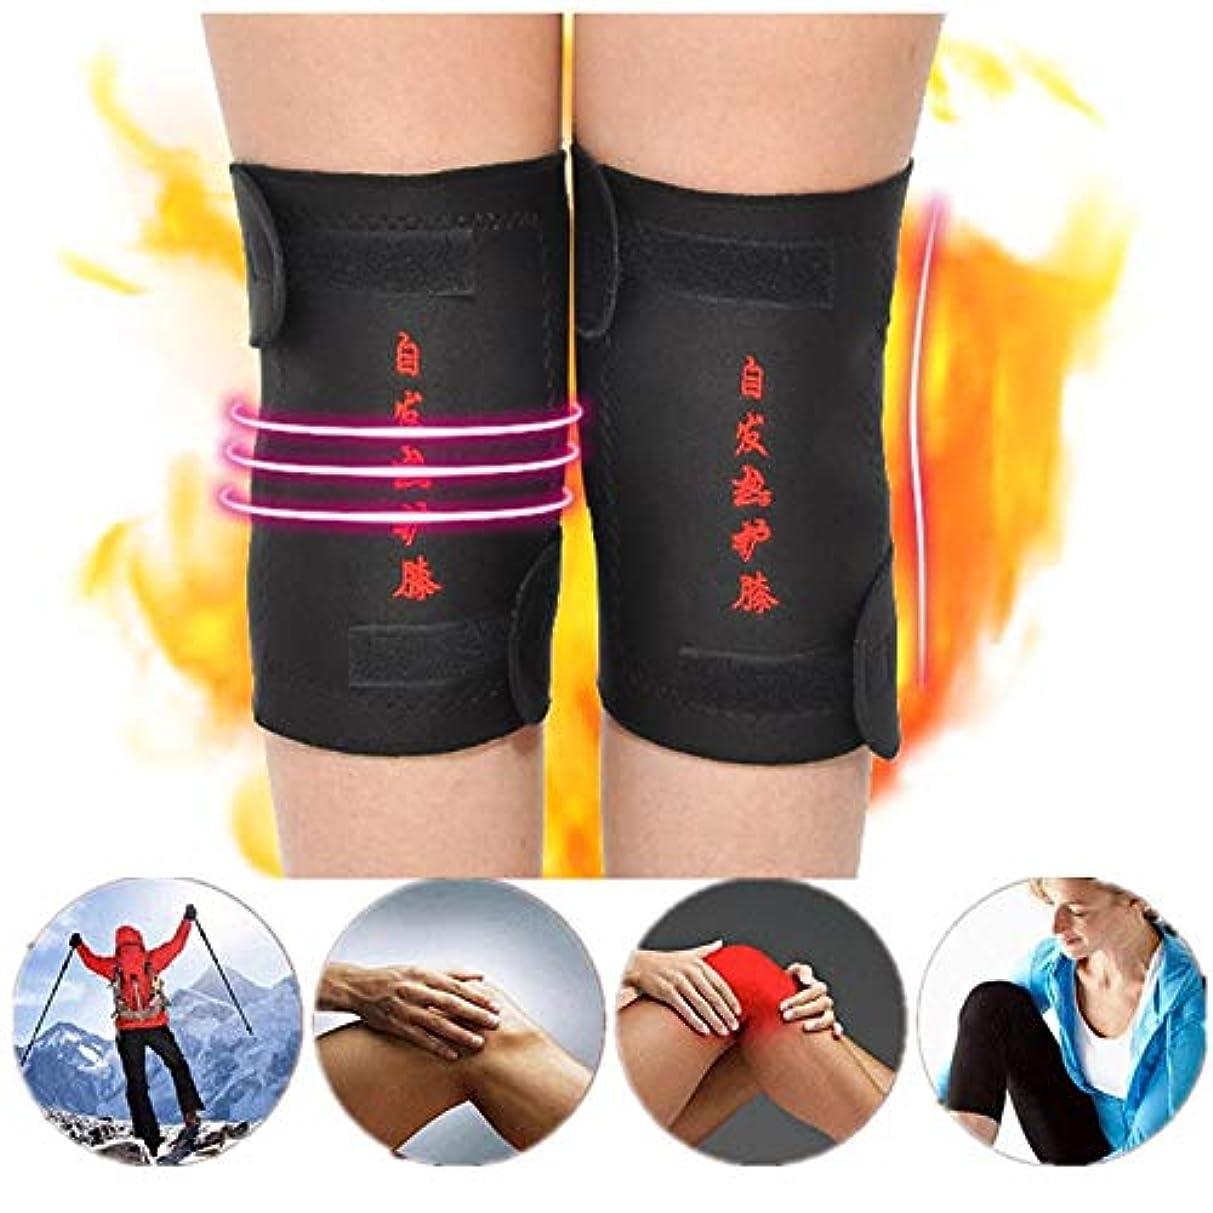 便利直面する水差し1 ペア 毎日健康 ケア 膝の痛み救済傷害捻挫自己加熱された膝 パッド 付き磁気治療内部加熱膝 パッド